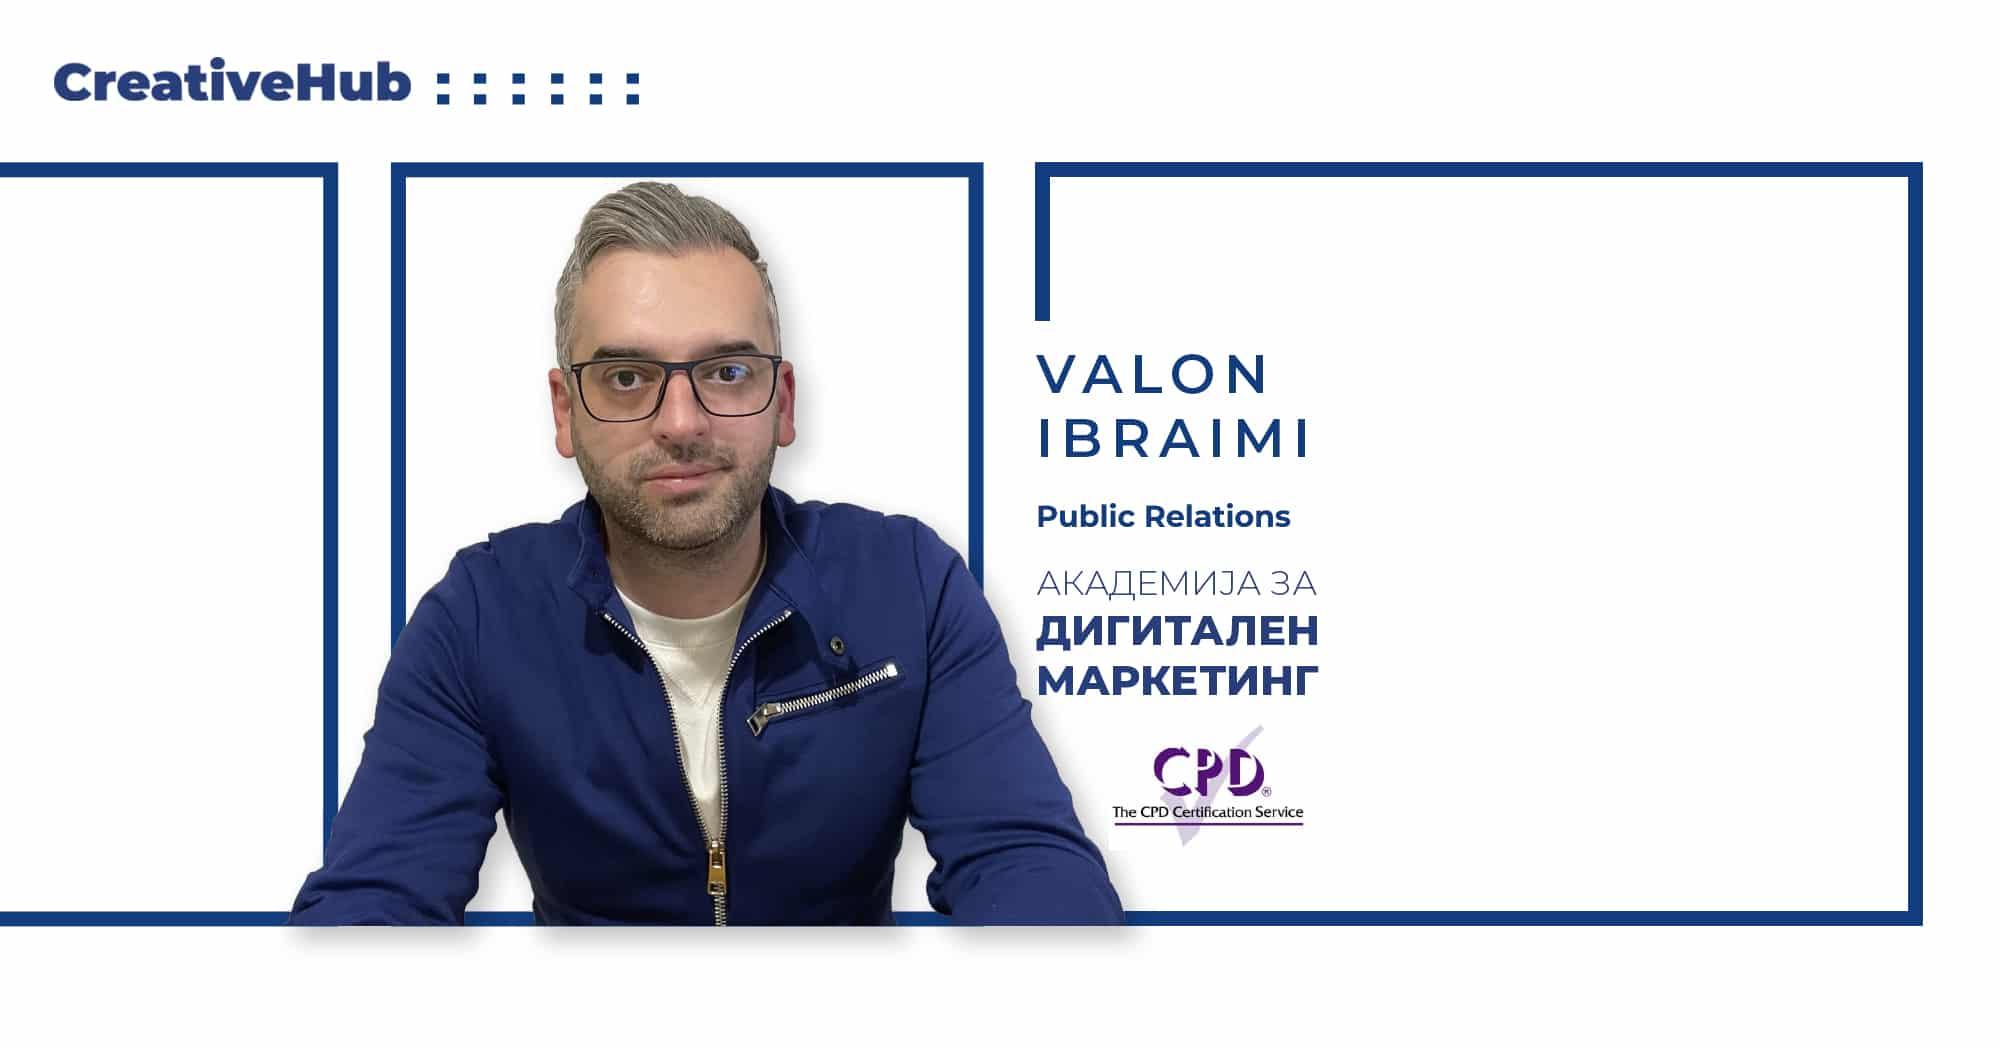 Валон Ибраими - предавач на Академијата за Дигитален маркетинг